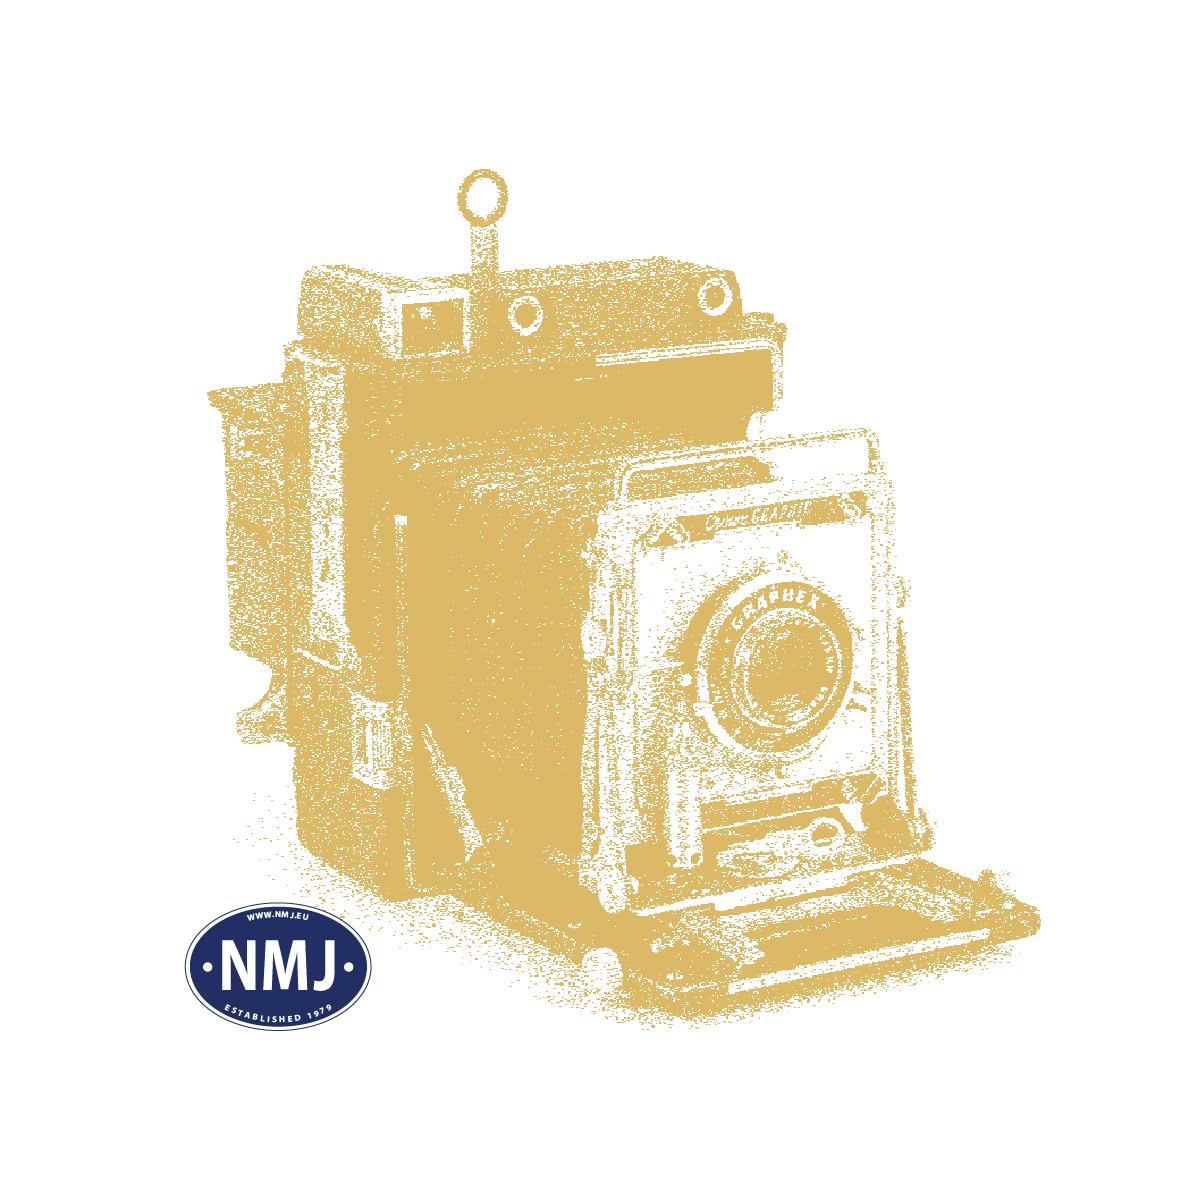 NMJT404.104 - MAV-Start CAF Personvogn 2 Kl. Bmz  61 55 21-91 111-0